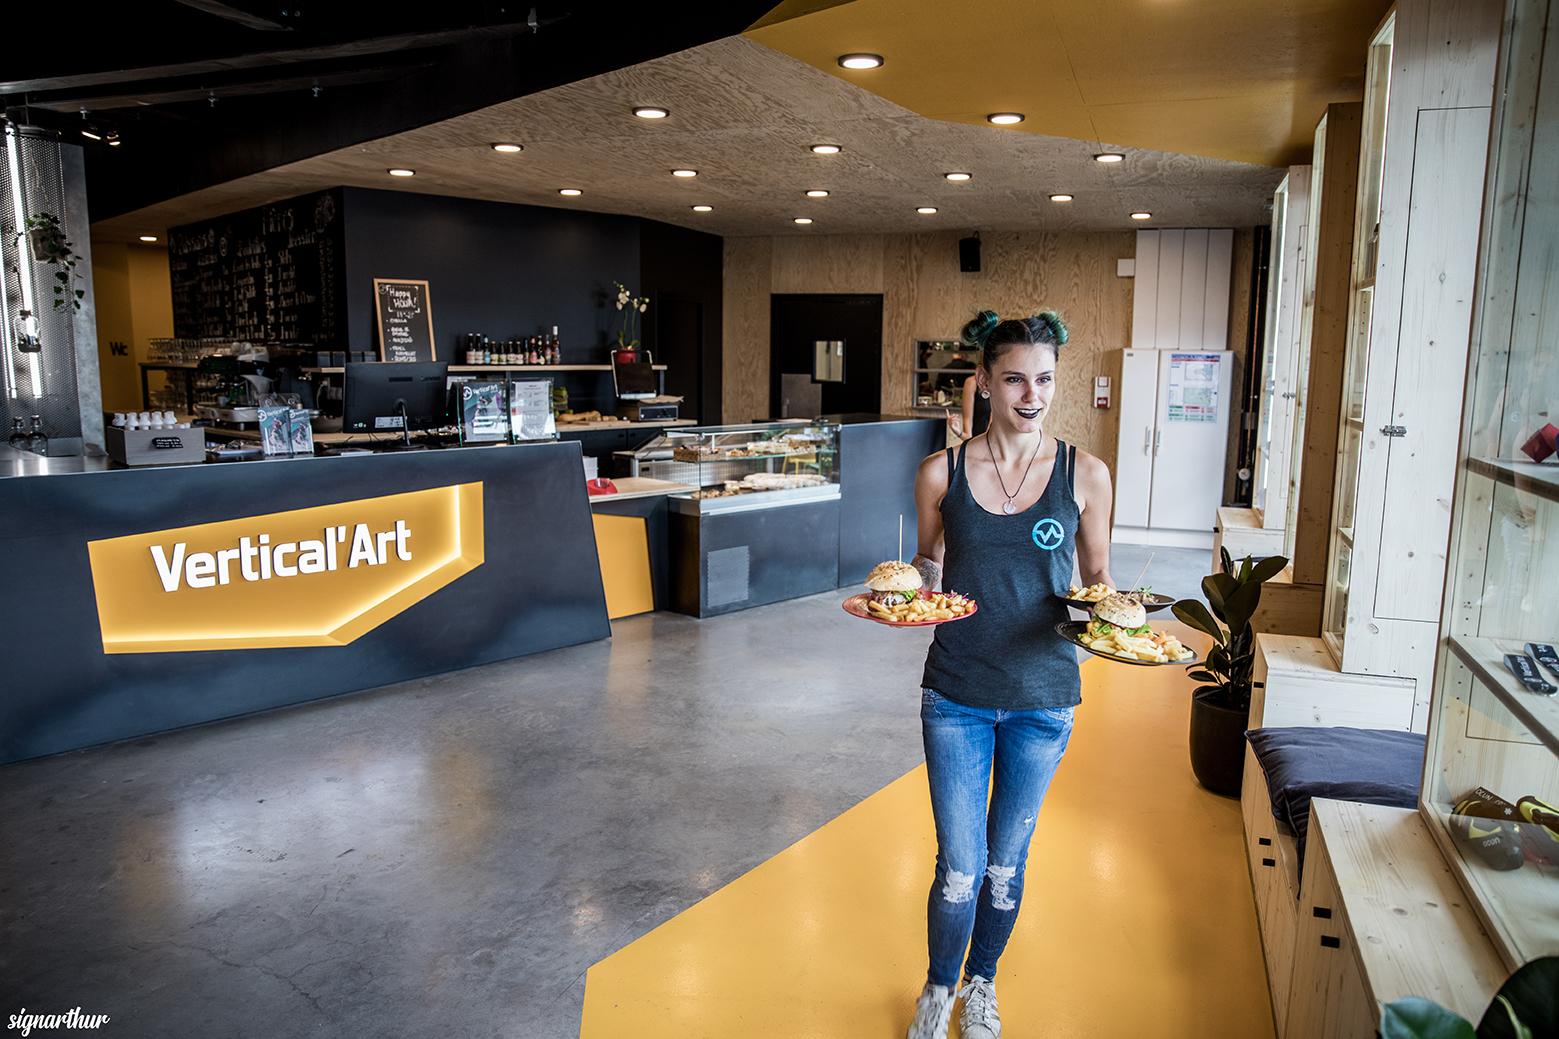 serveuse polivalente vertical'art job offer post à pourvoir salle d'escalade de bloc restaurant et bar